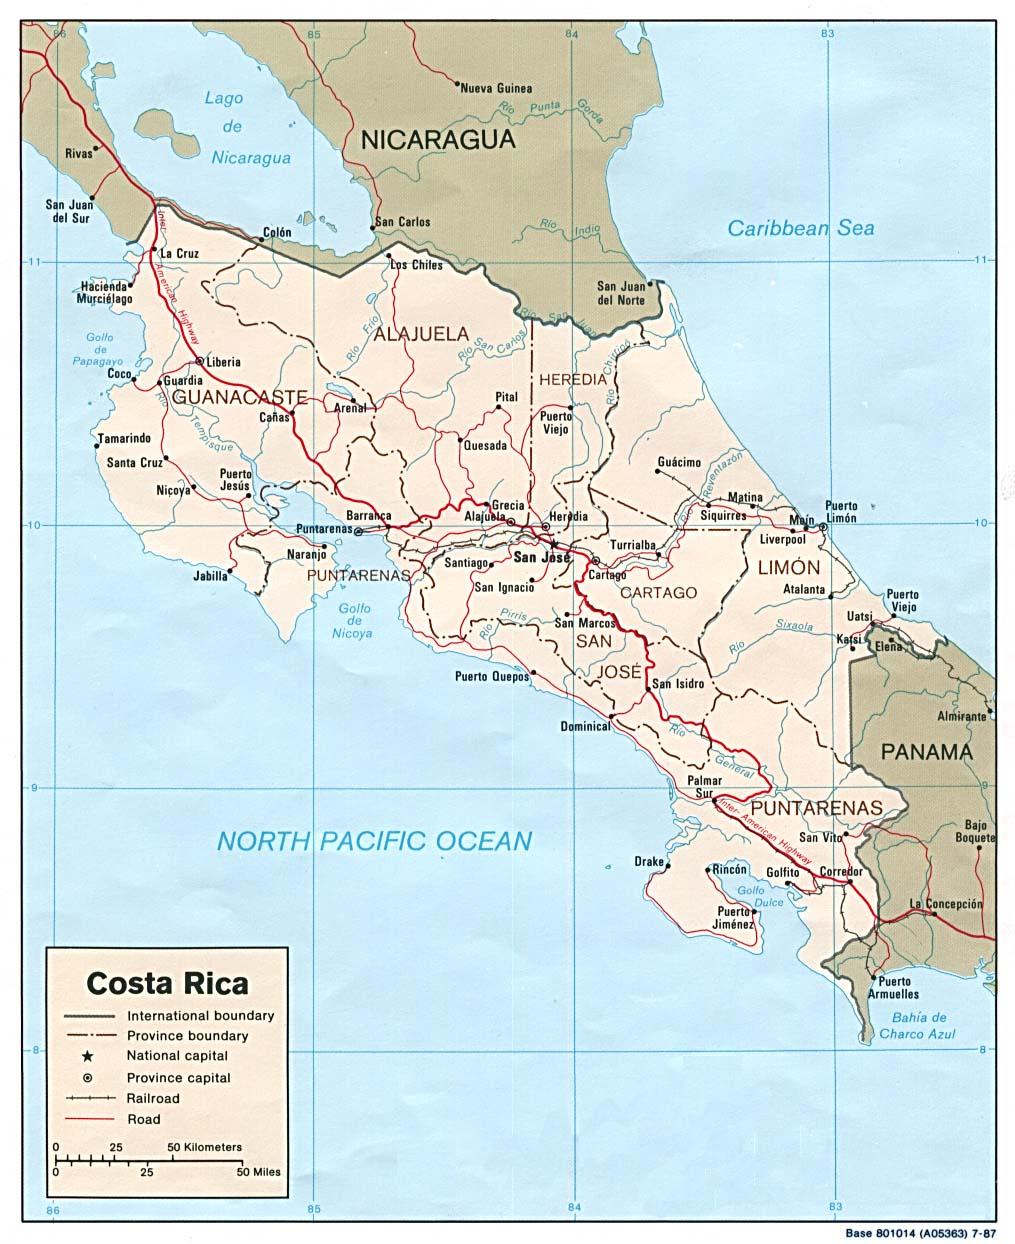 Mapa Político de Costa Rica